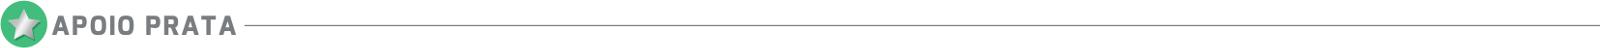 barra-apoio-prata-epr-norte-02